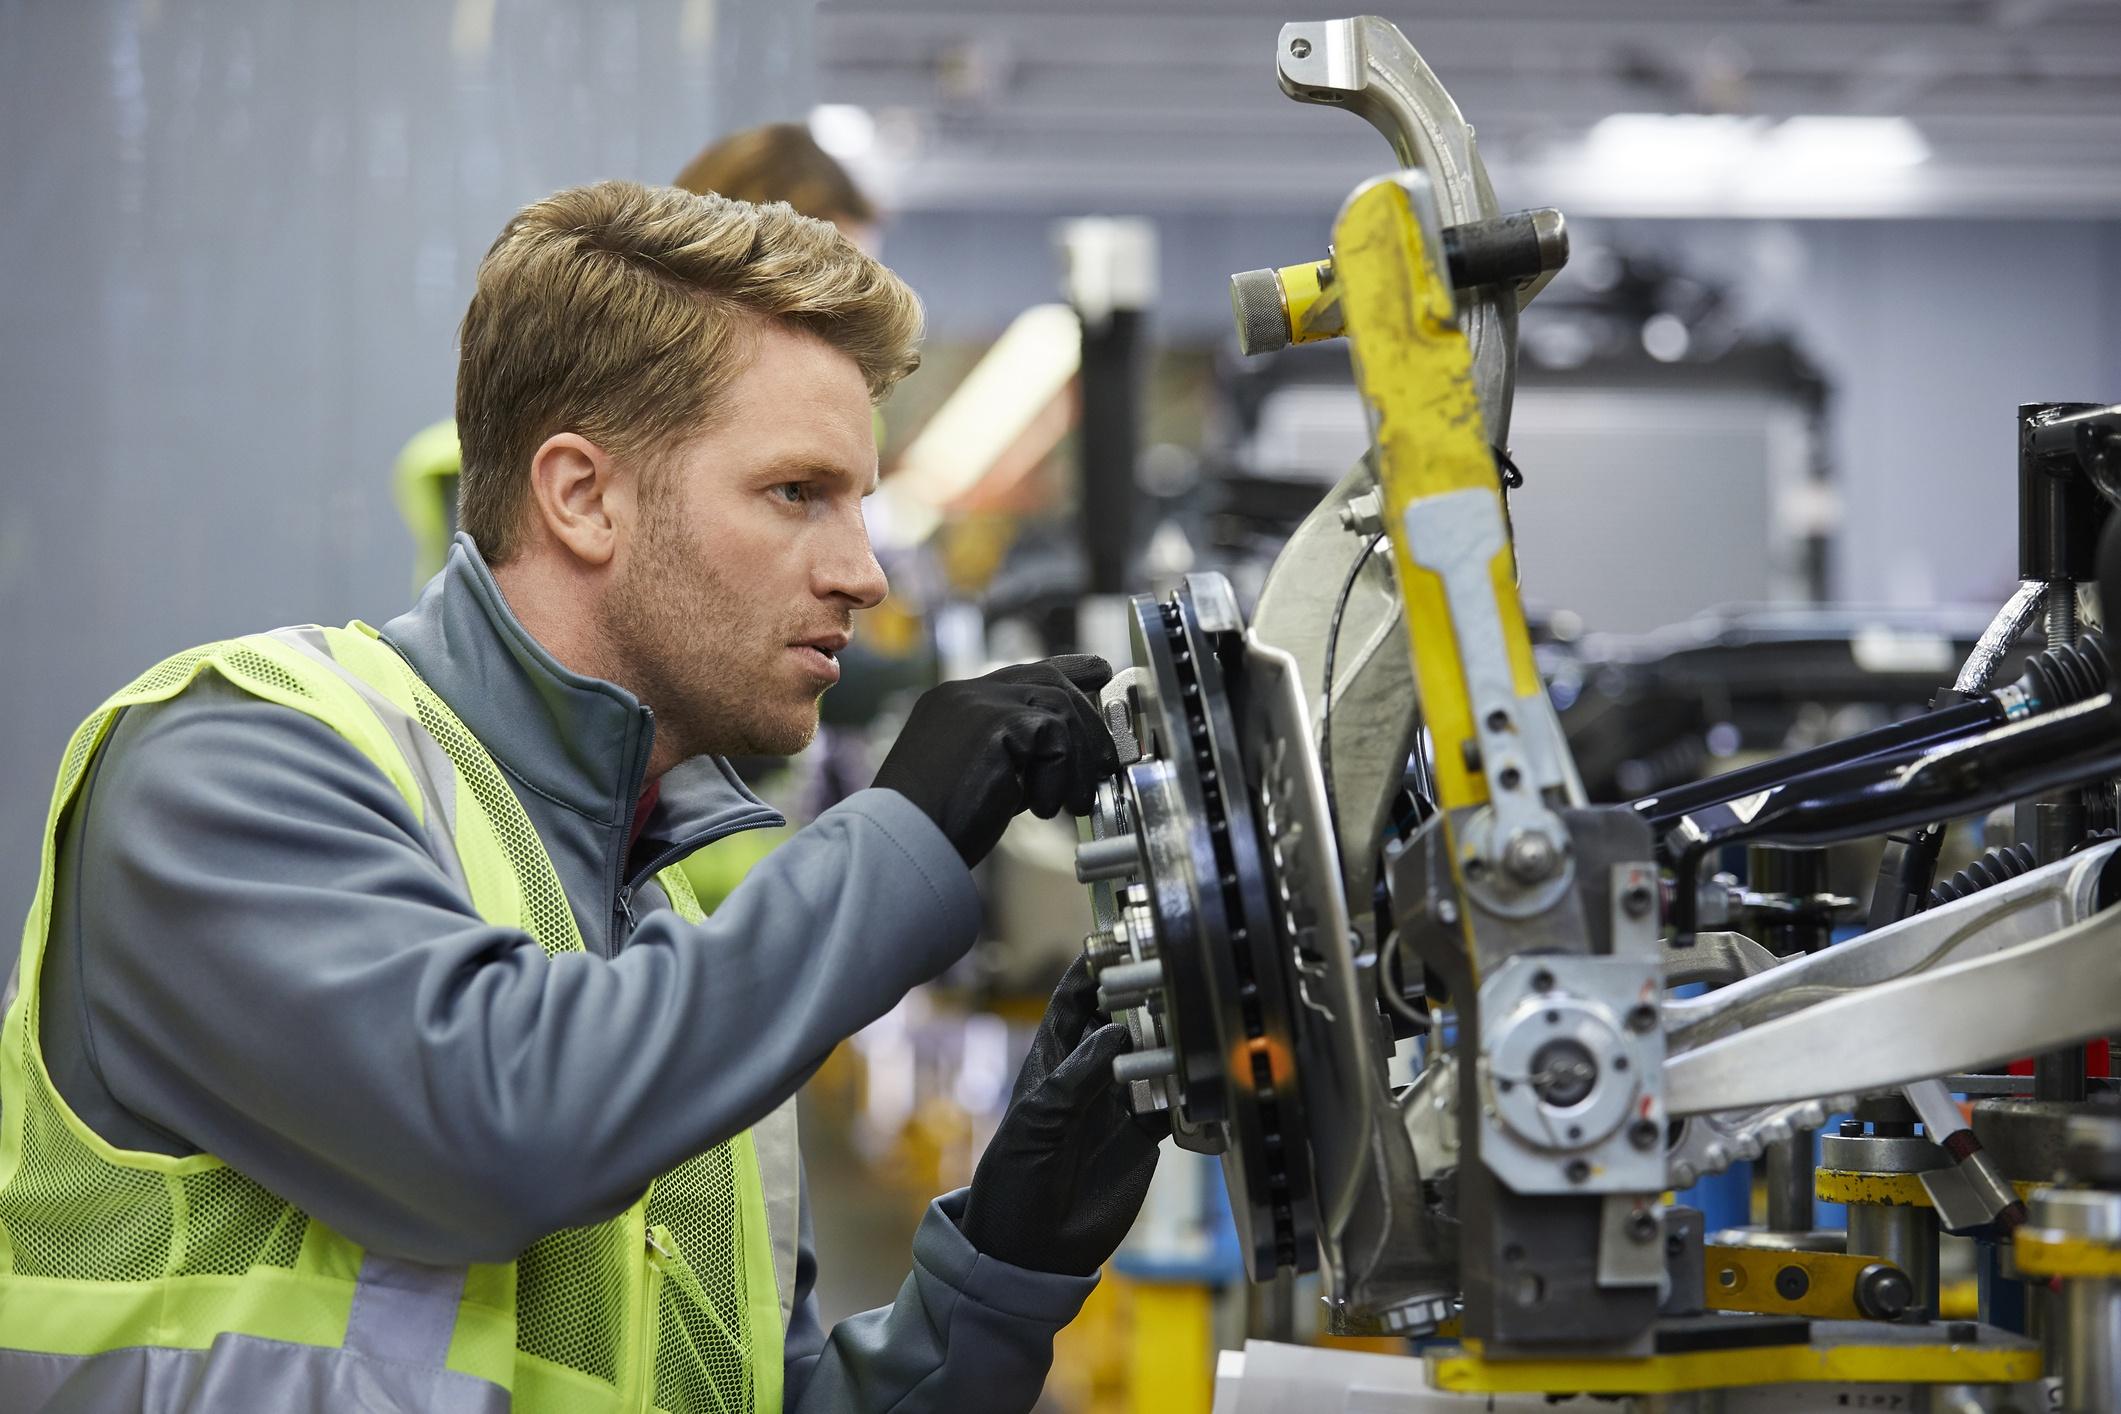 Makine Teknikeri Maaşı Ne Kadar? 2021 Makine Teknikeri Maaşları,İş İlanları